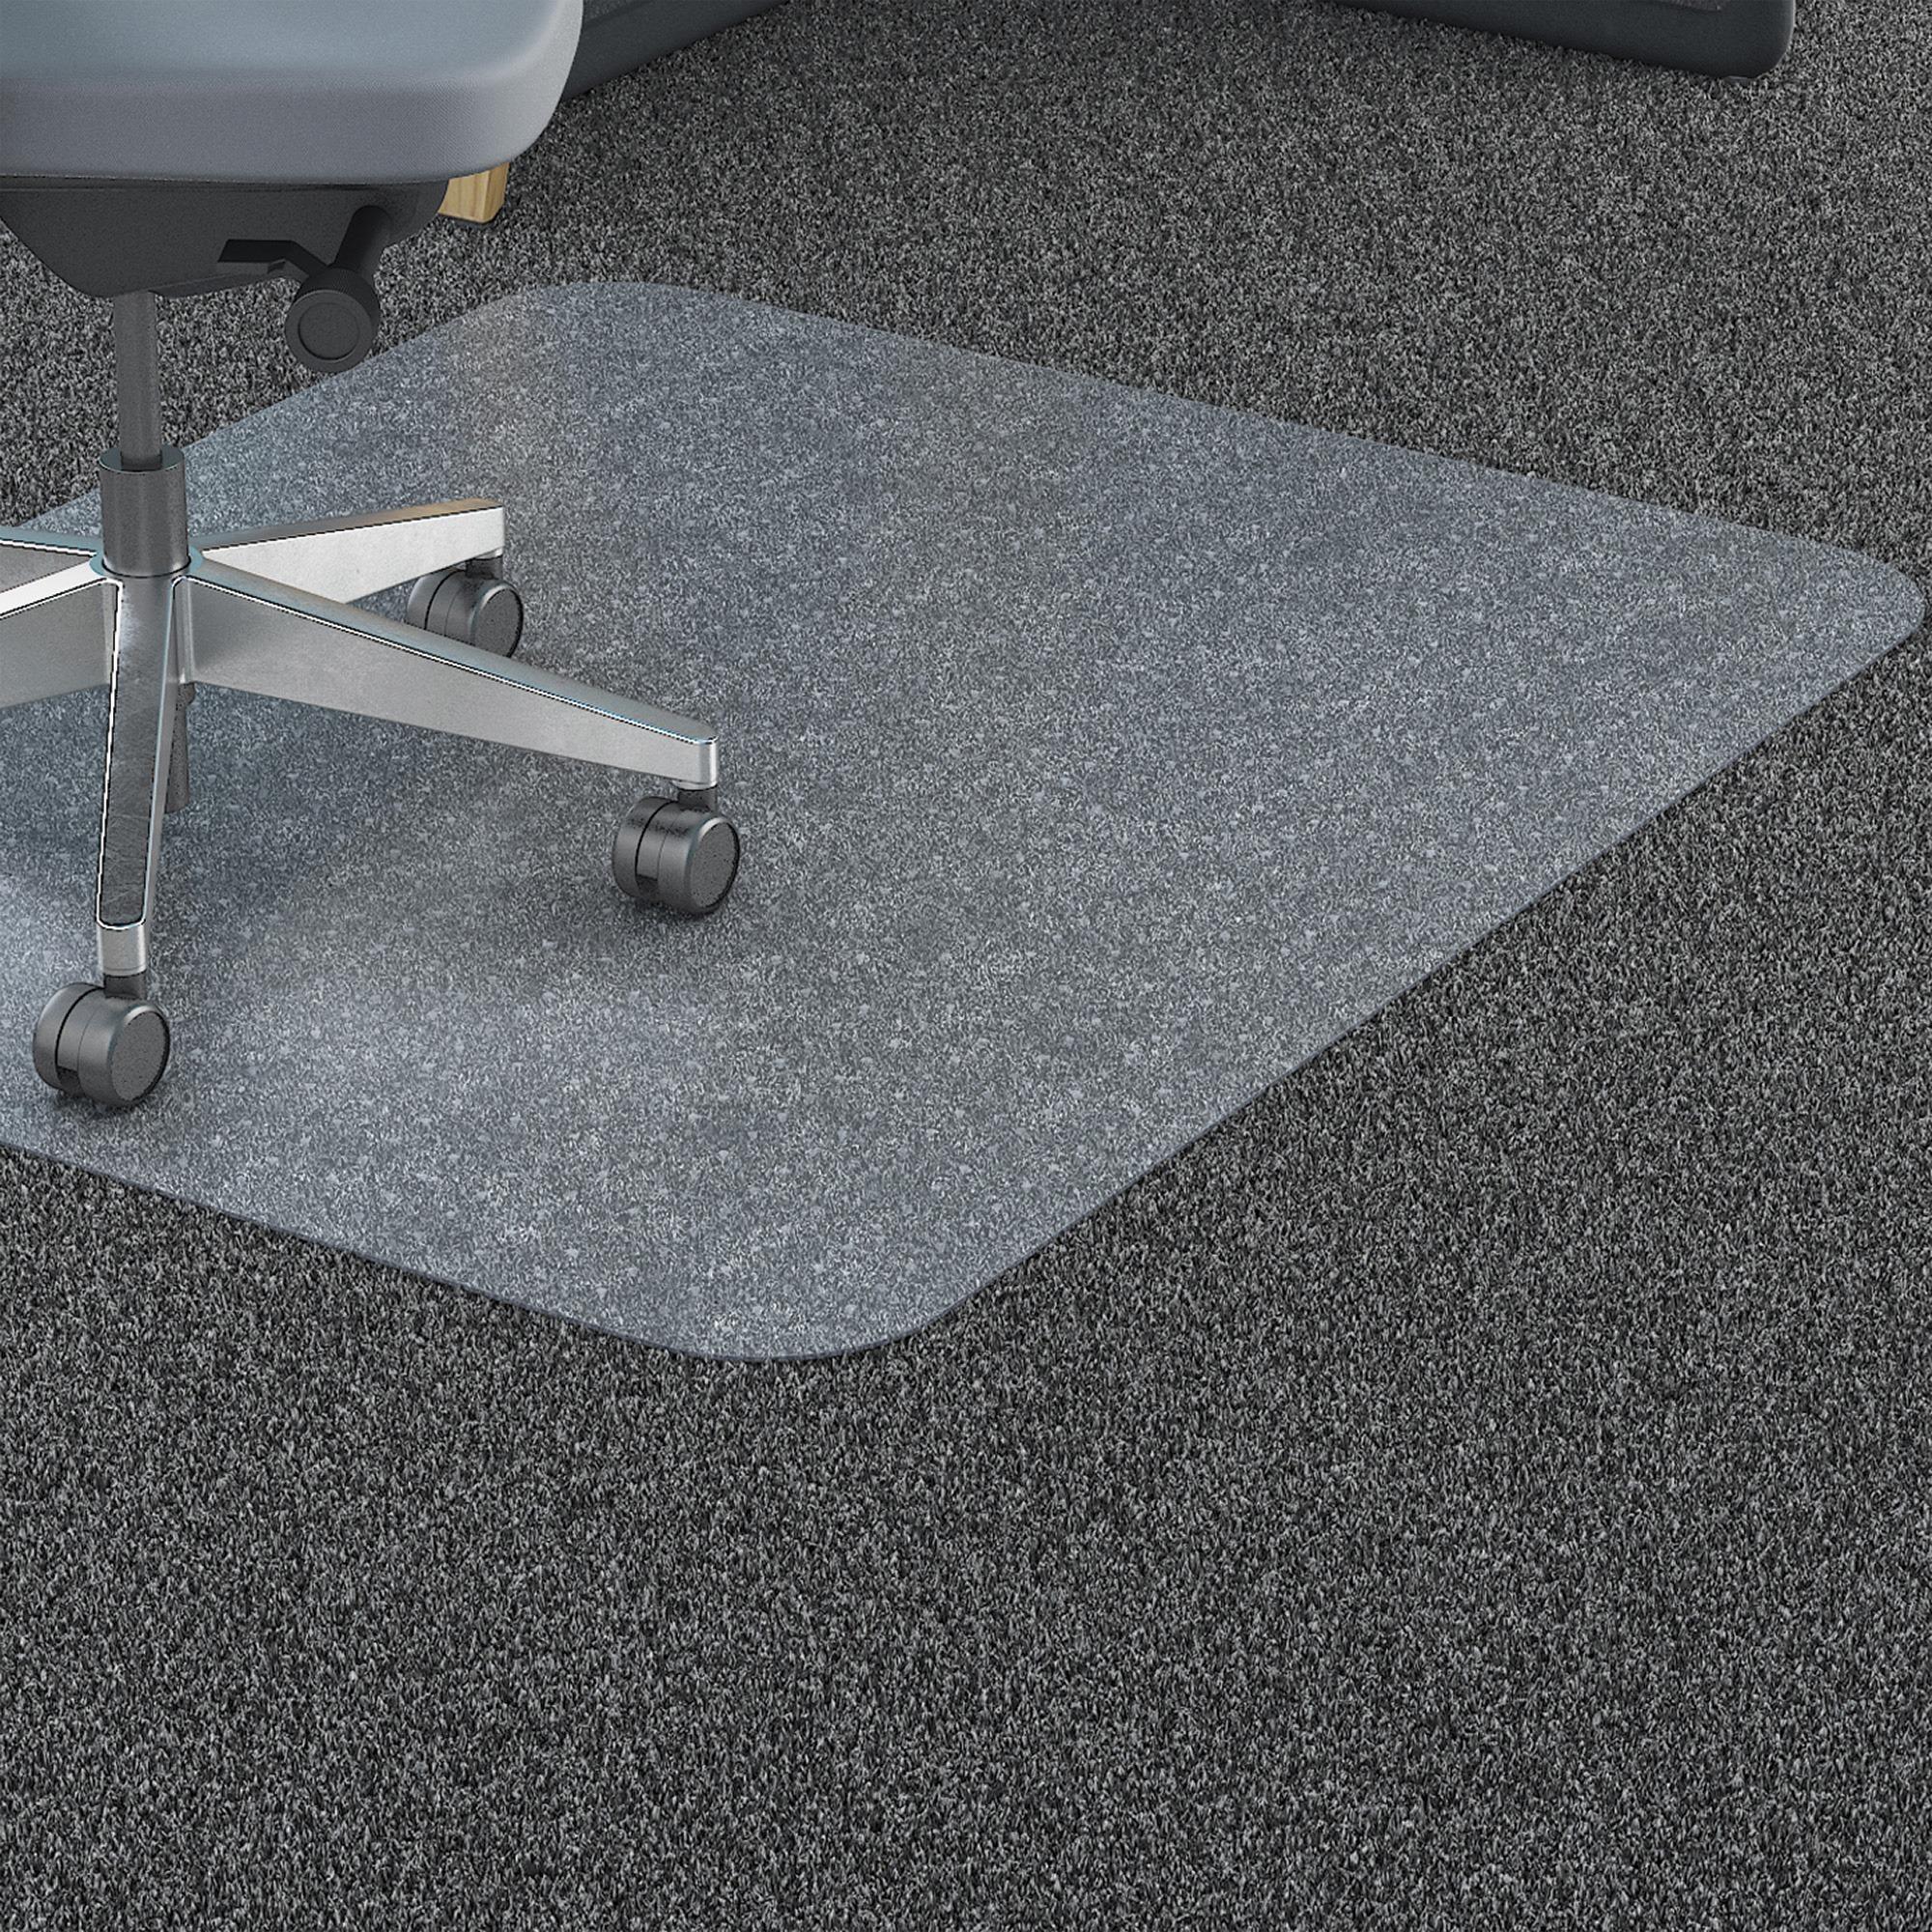 lorell polycarbonate rectangular studded chair mat llr69703